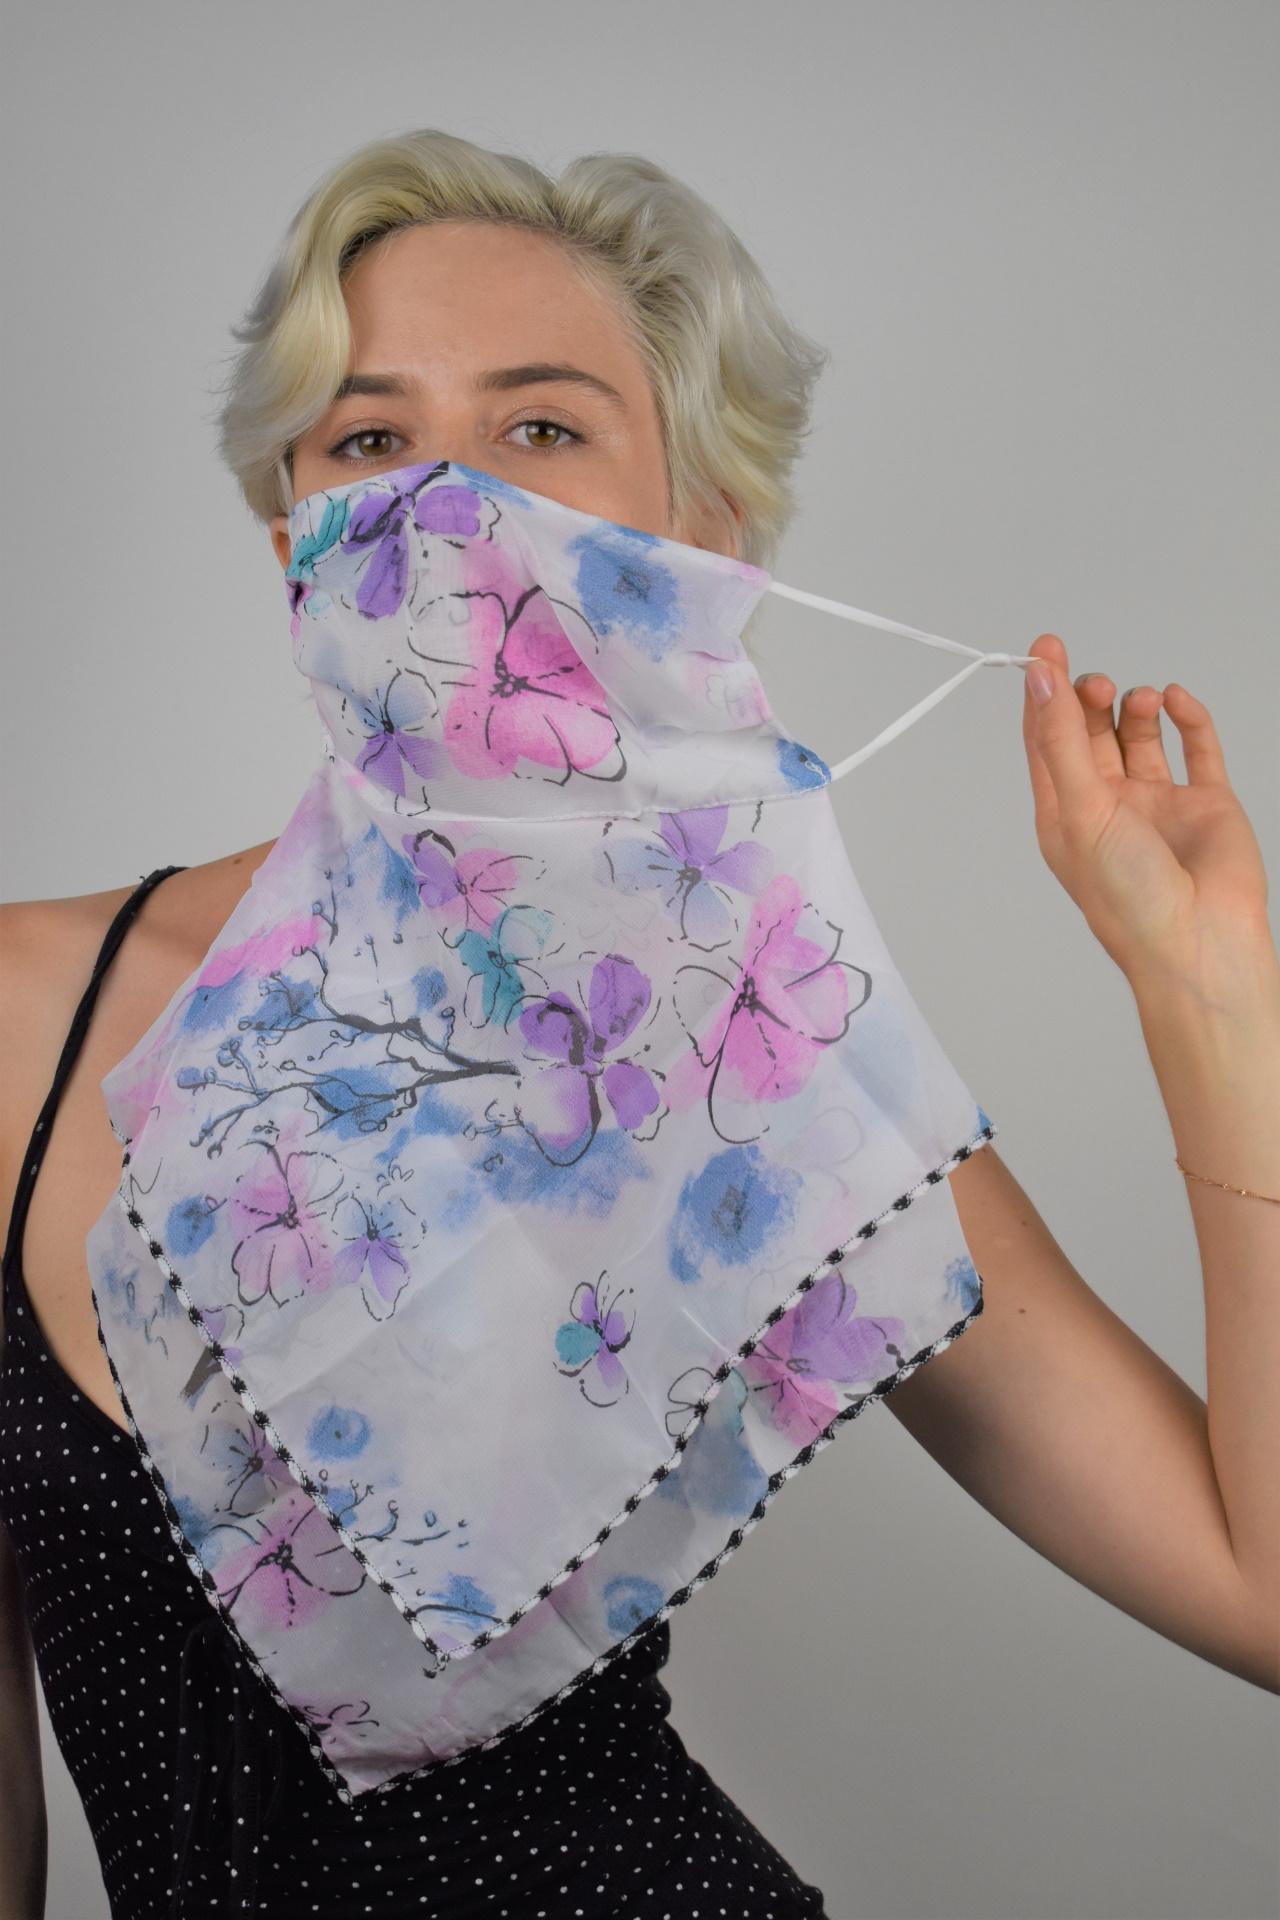 MIX FOULARD DONNA SCIARPA COPRIVISO ANTIVENTO 1 1stAmerican foulard da donna sciarpa copriviso antivento